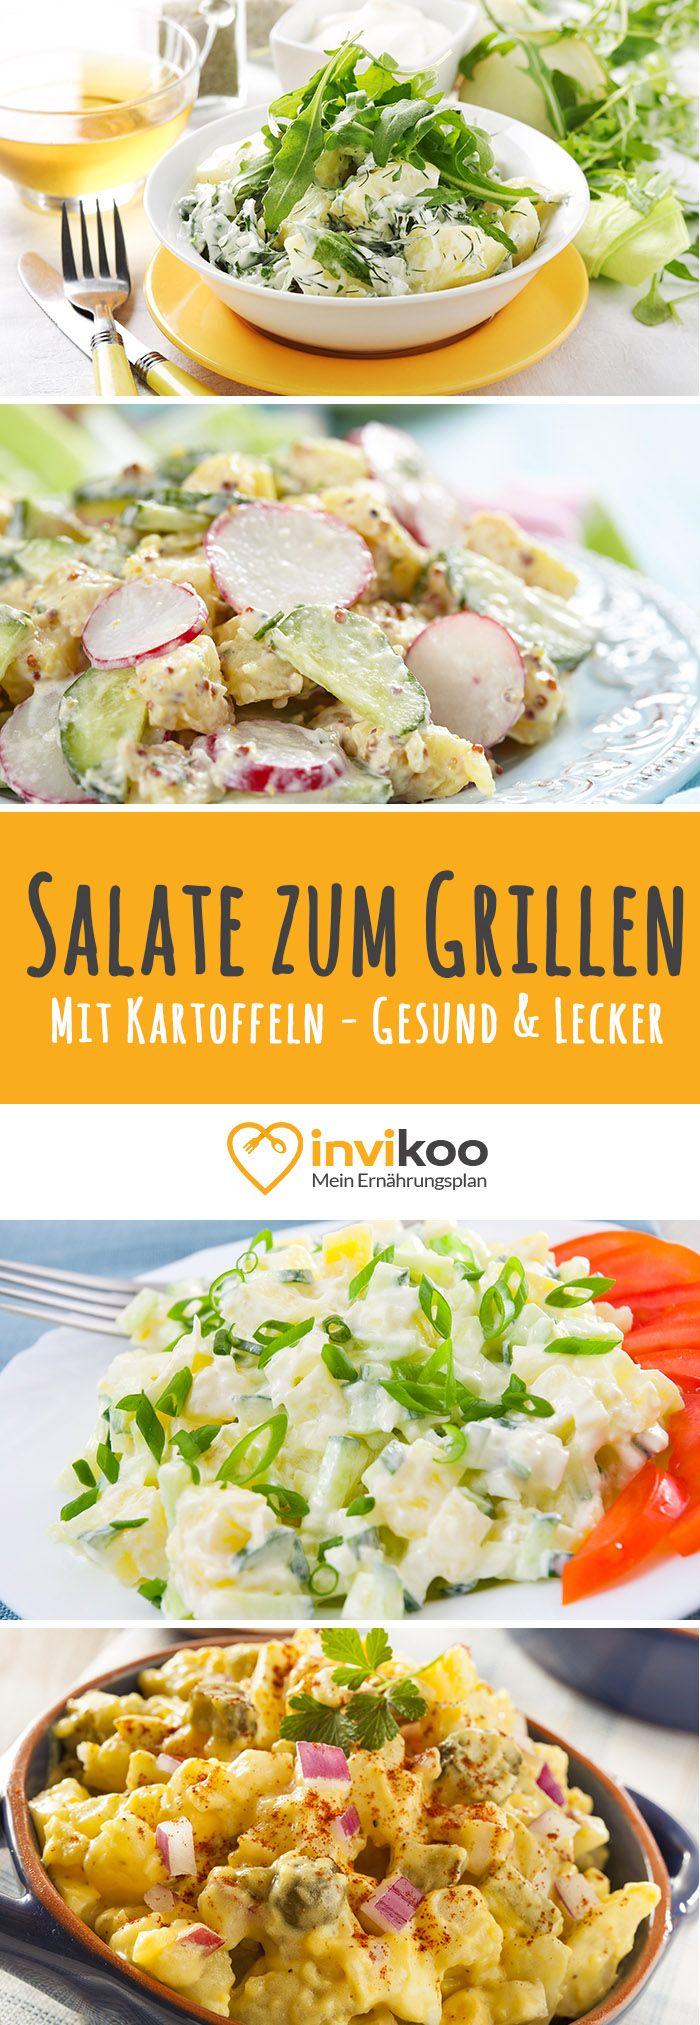 Kartoffelsalate zum Grillen - Die Grillsaison ist eröffnet. Kartoffelsalat Rezepte zum Abnehmen - ei